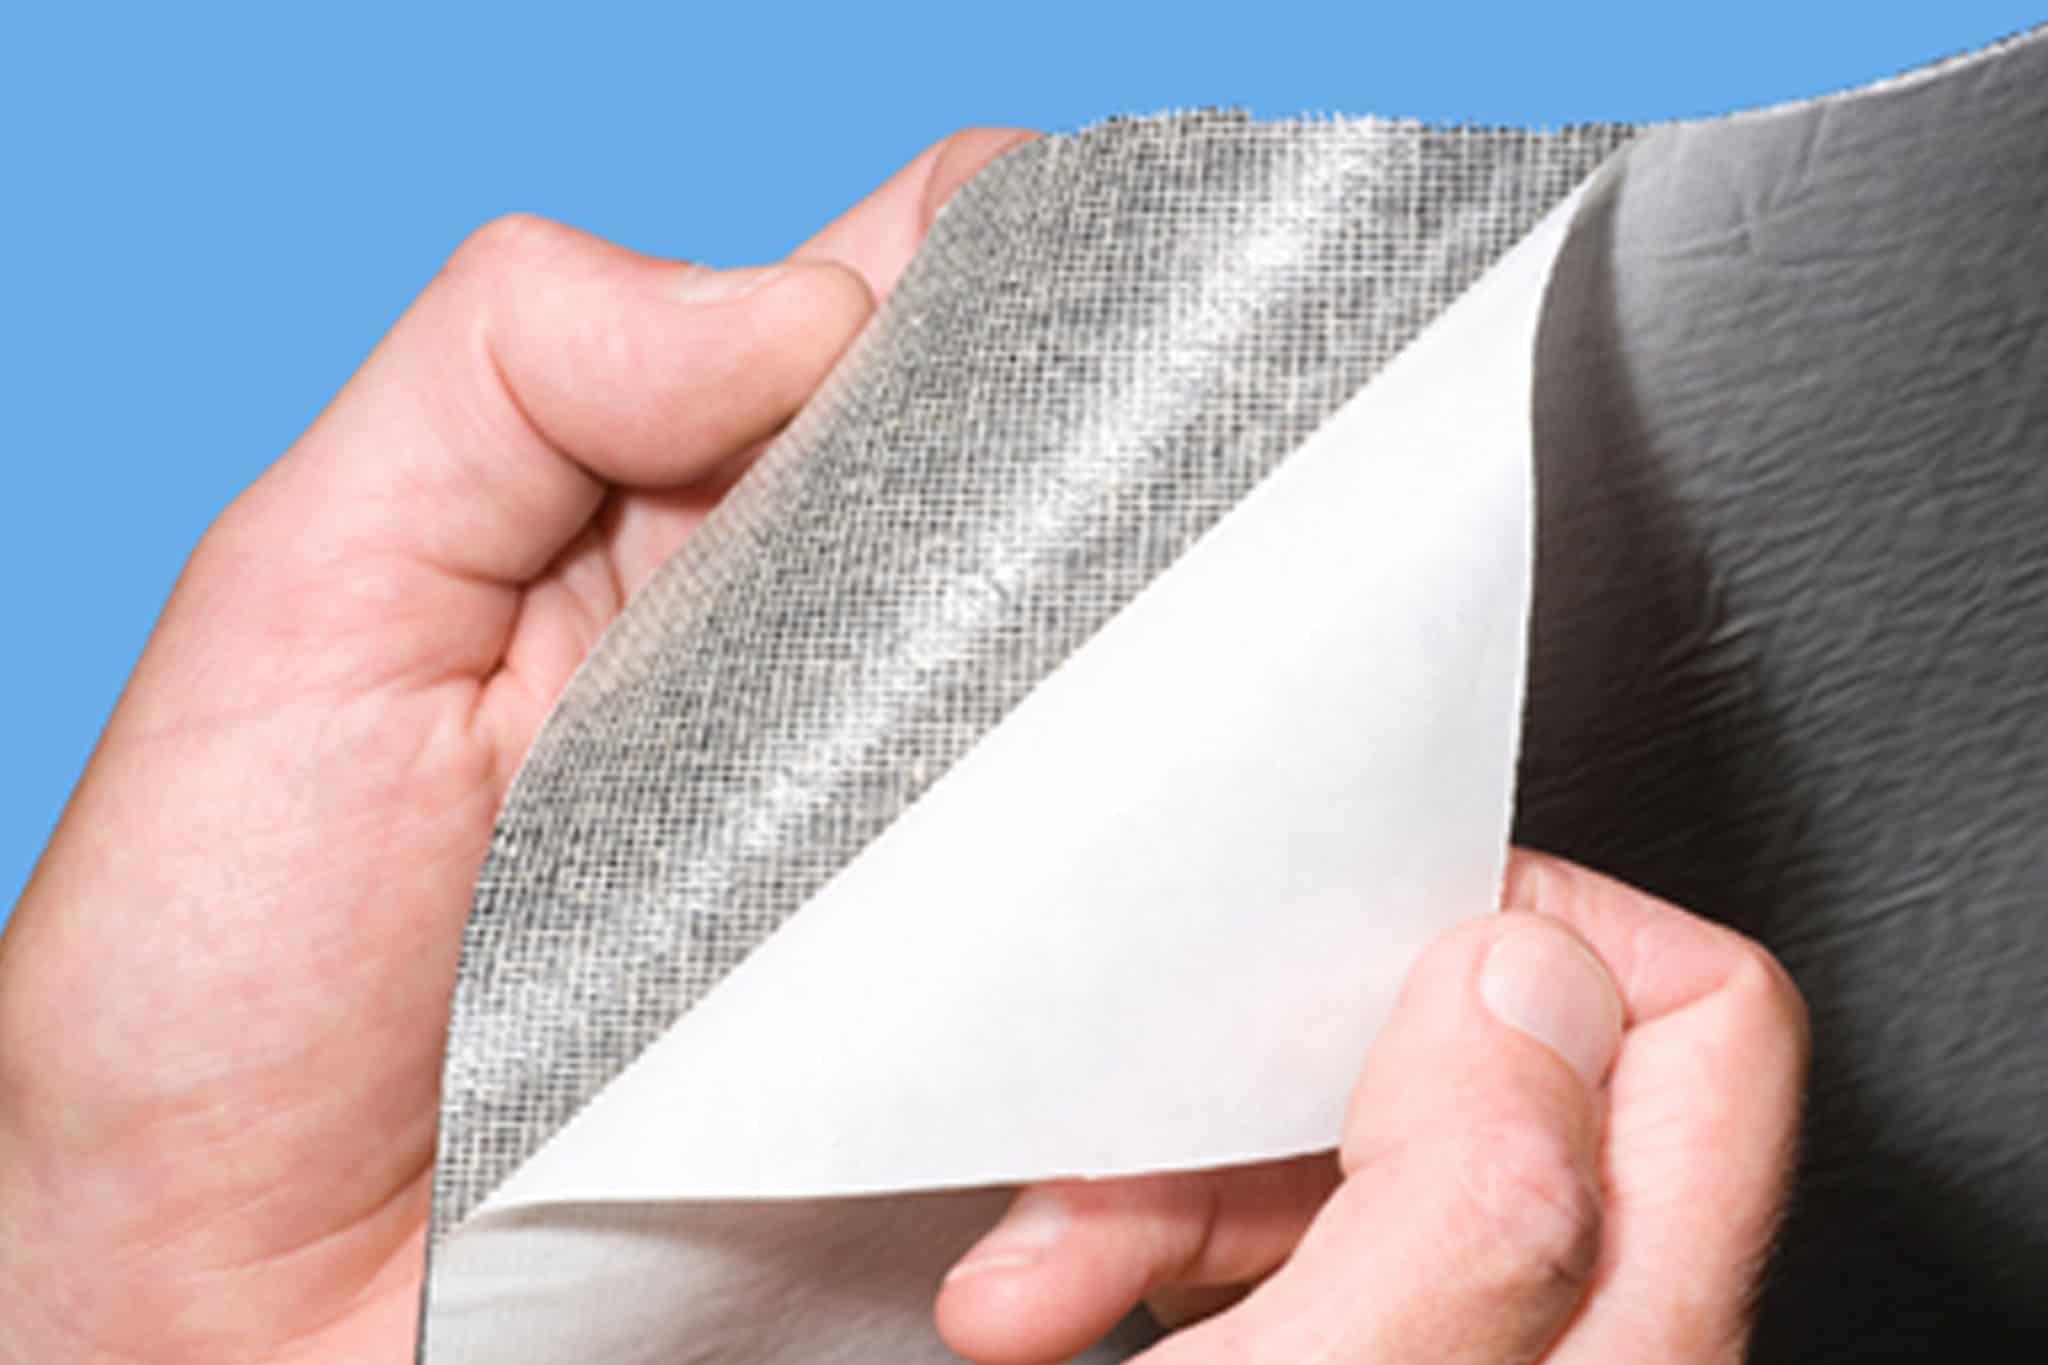 pressure sensitive adhesive